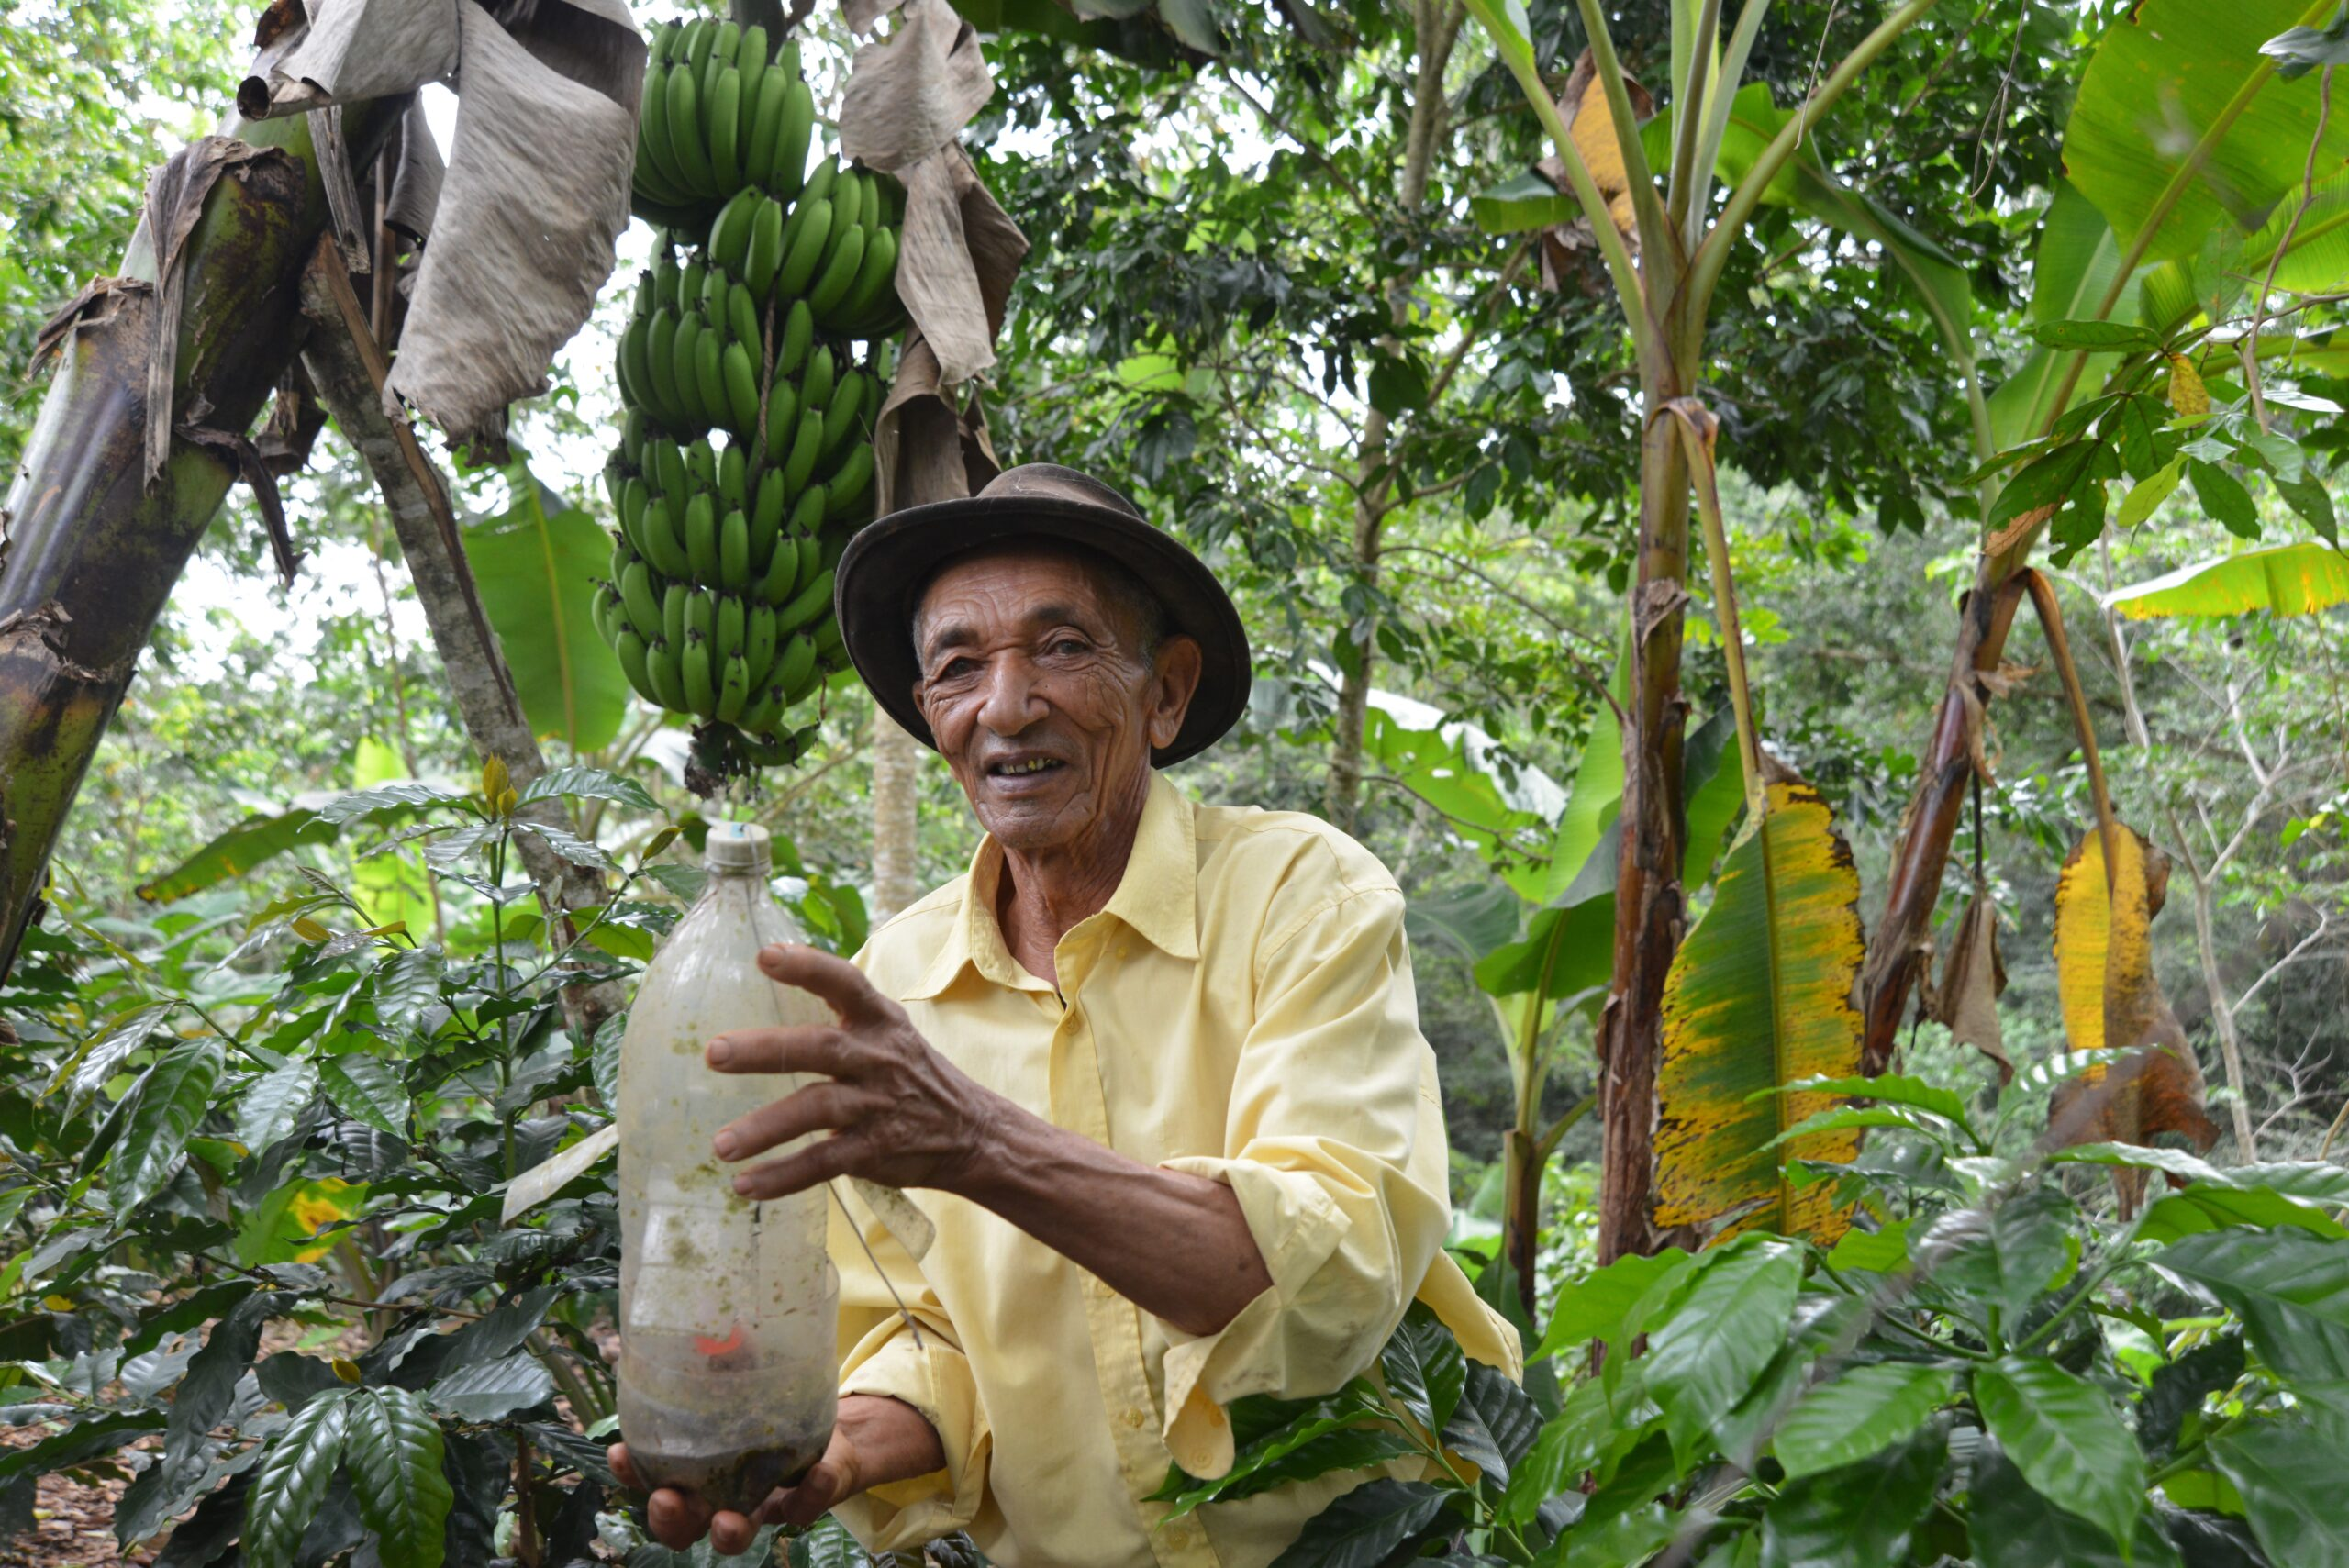 15 de mayo día de San Isidro Labrador patrón del agricultor dominicano